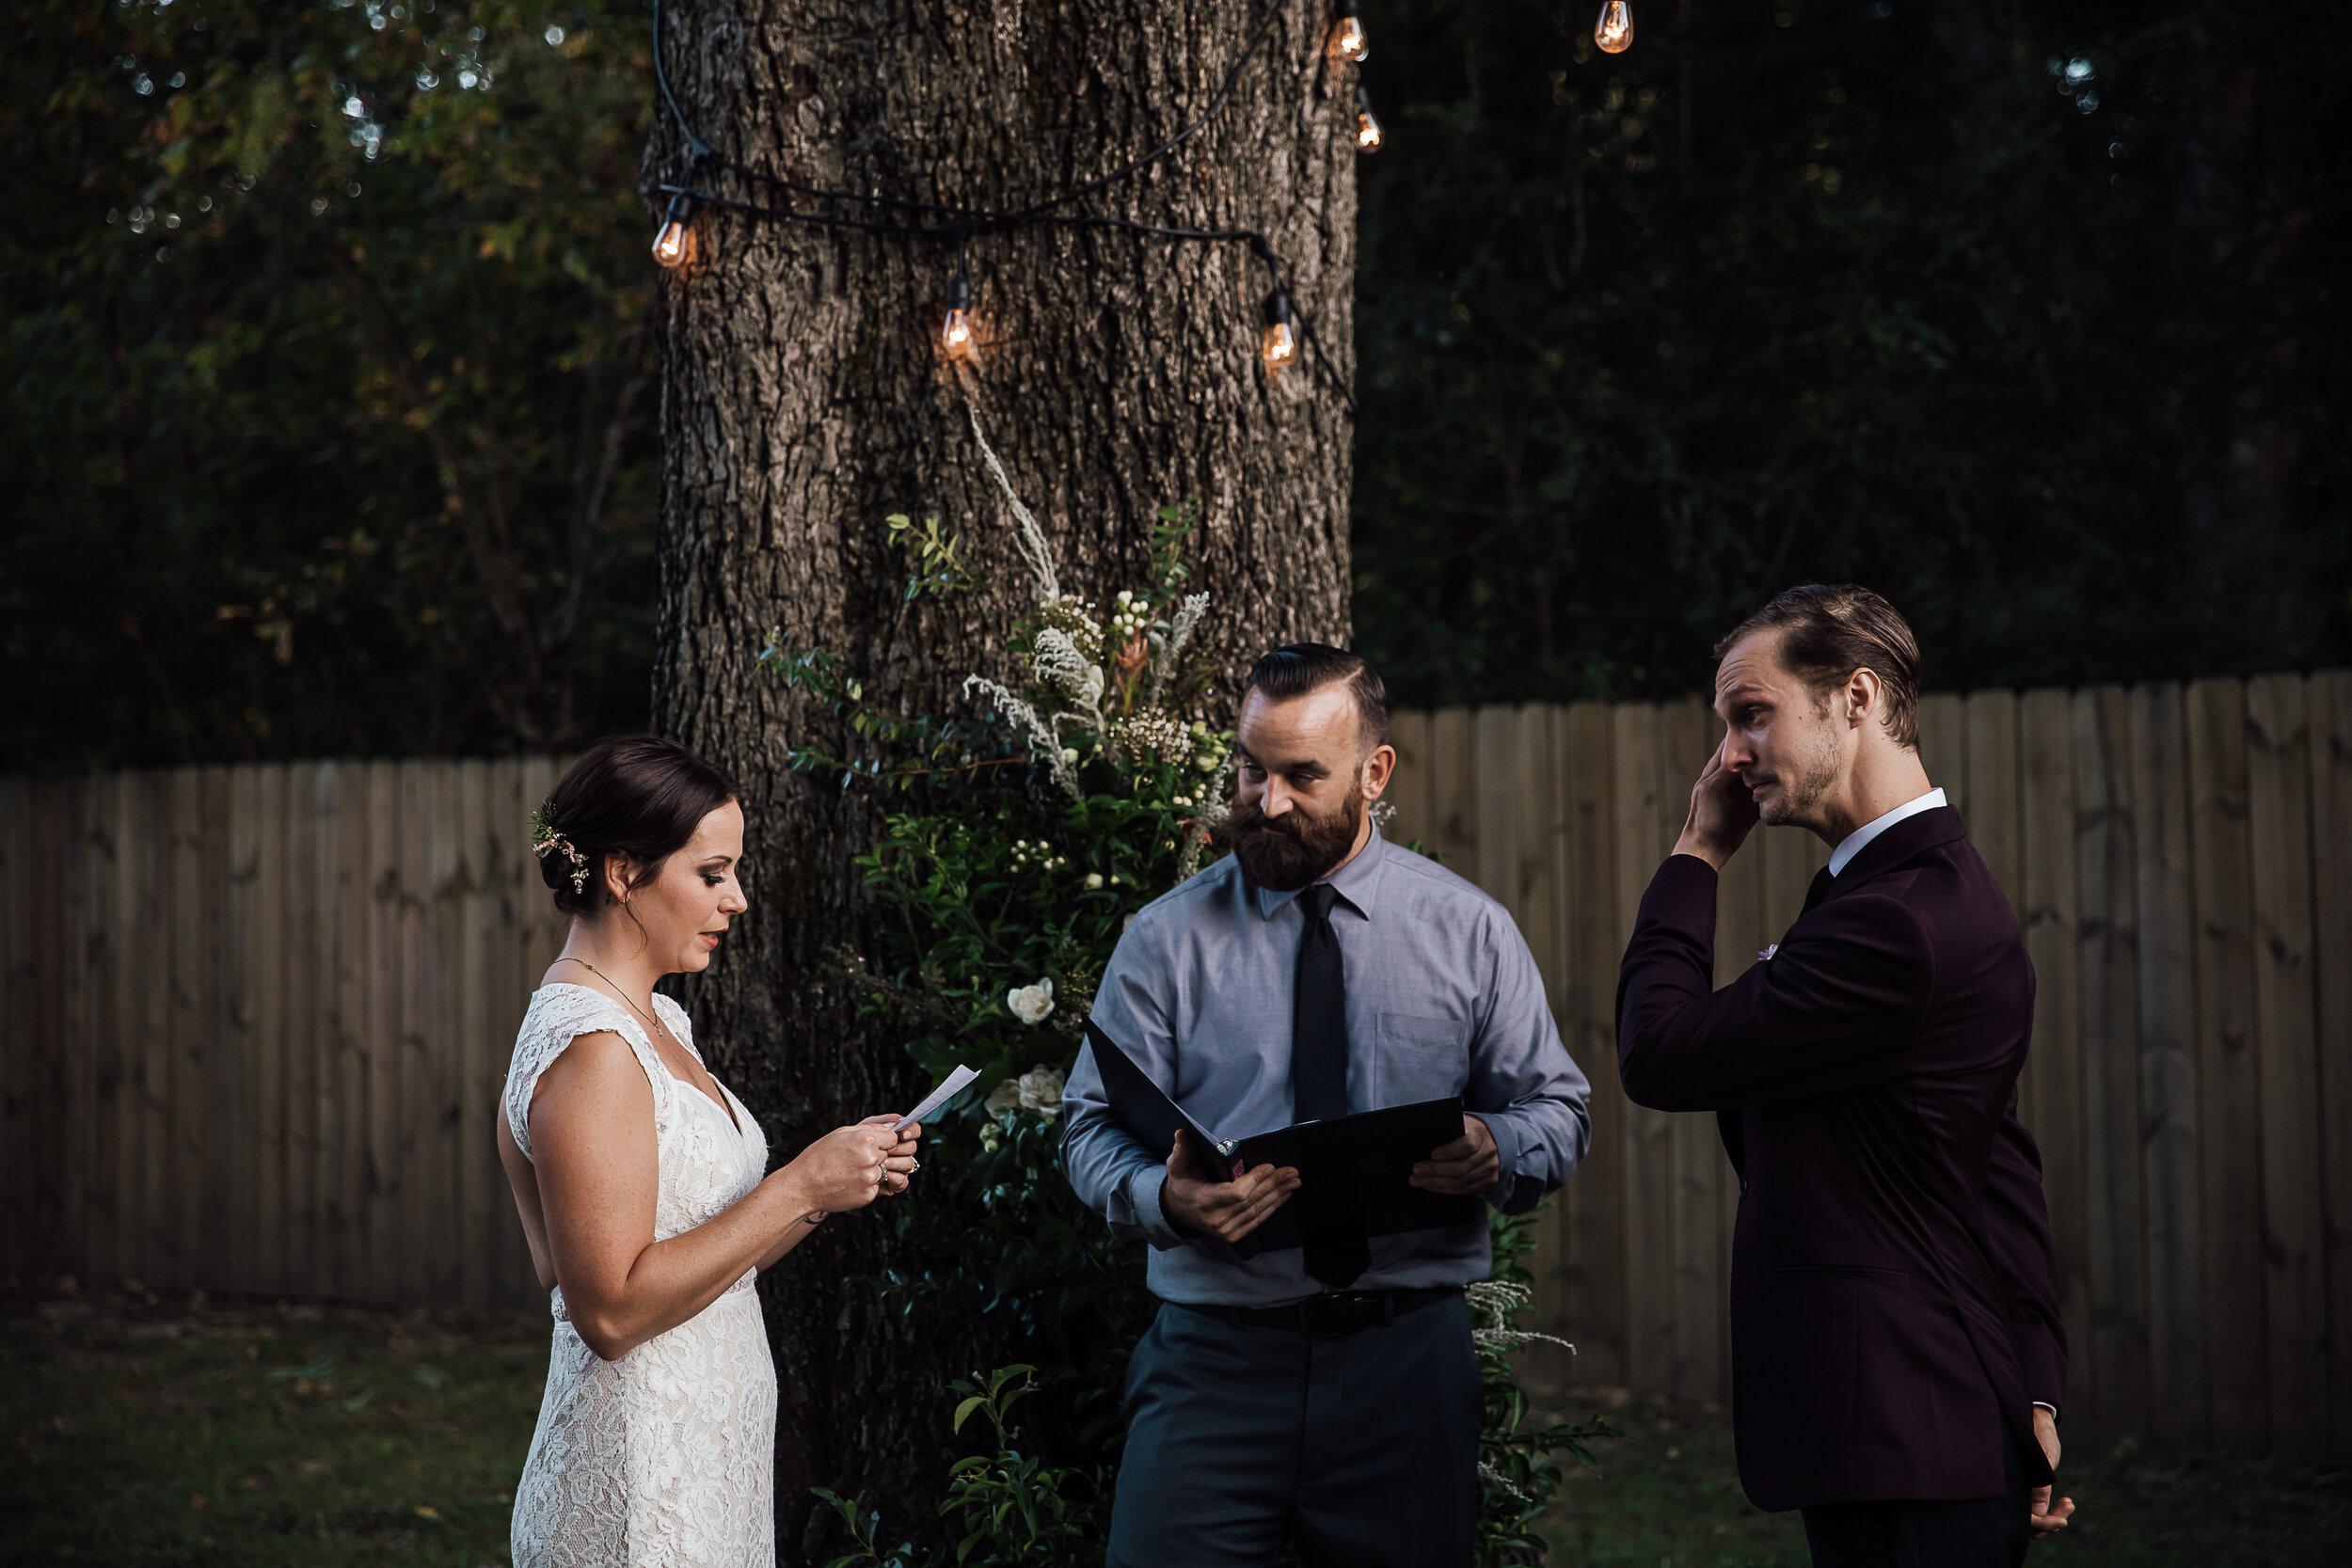 Allison-and-Wesley-Memphis-Backyard-Wedding-TheWarmthAroundYou-159.jpg